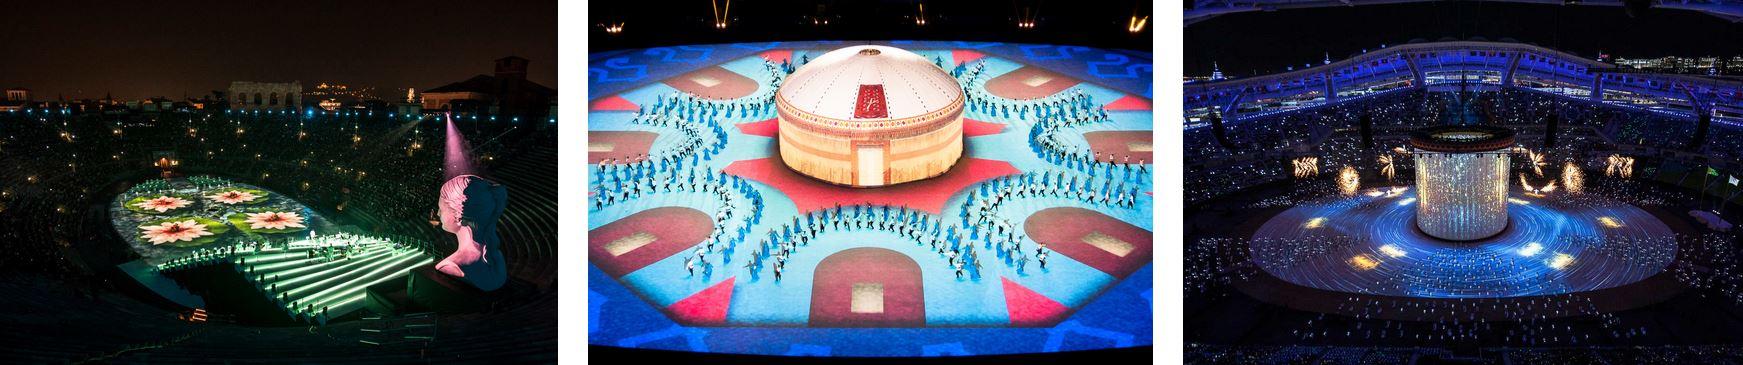 Alcune produzioni Balich: Intimissimi On Ice all'Arena di Verona e le cerimonie Aimag con 4500 figuranti nel Turkmenistan, ad Ashgabat